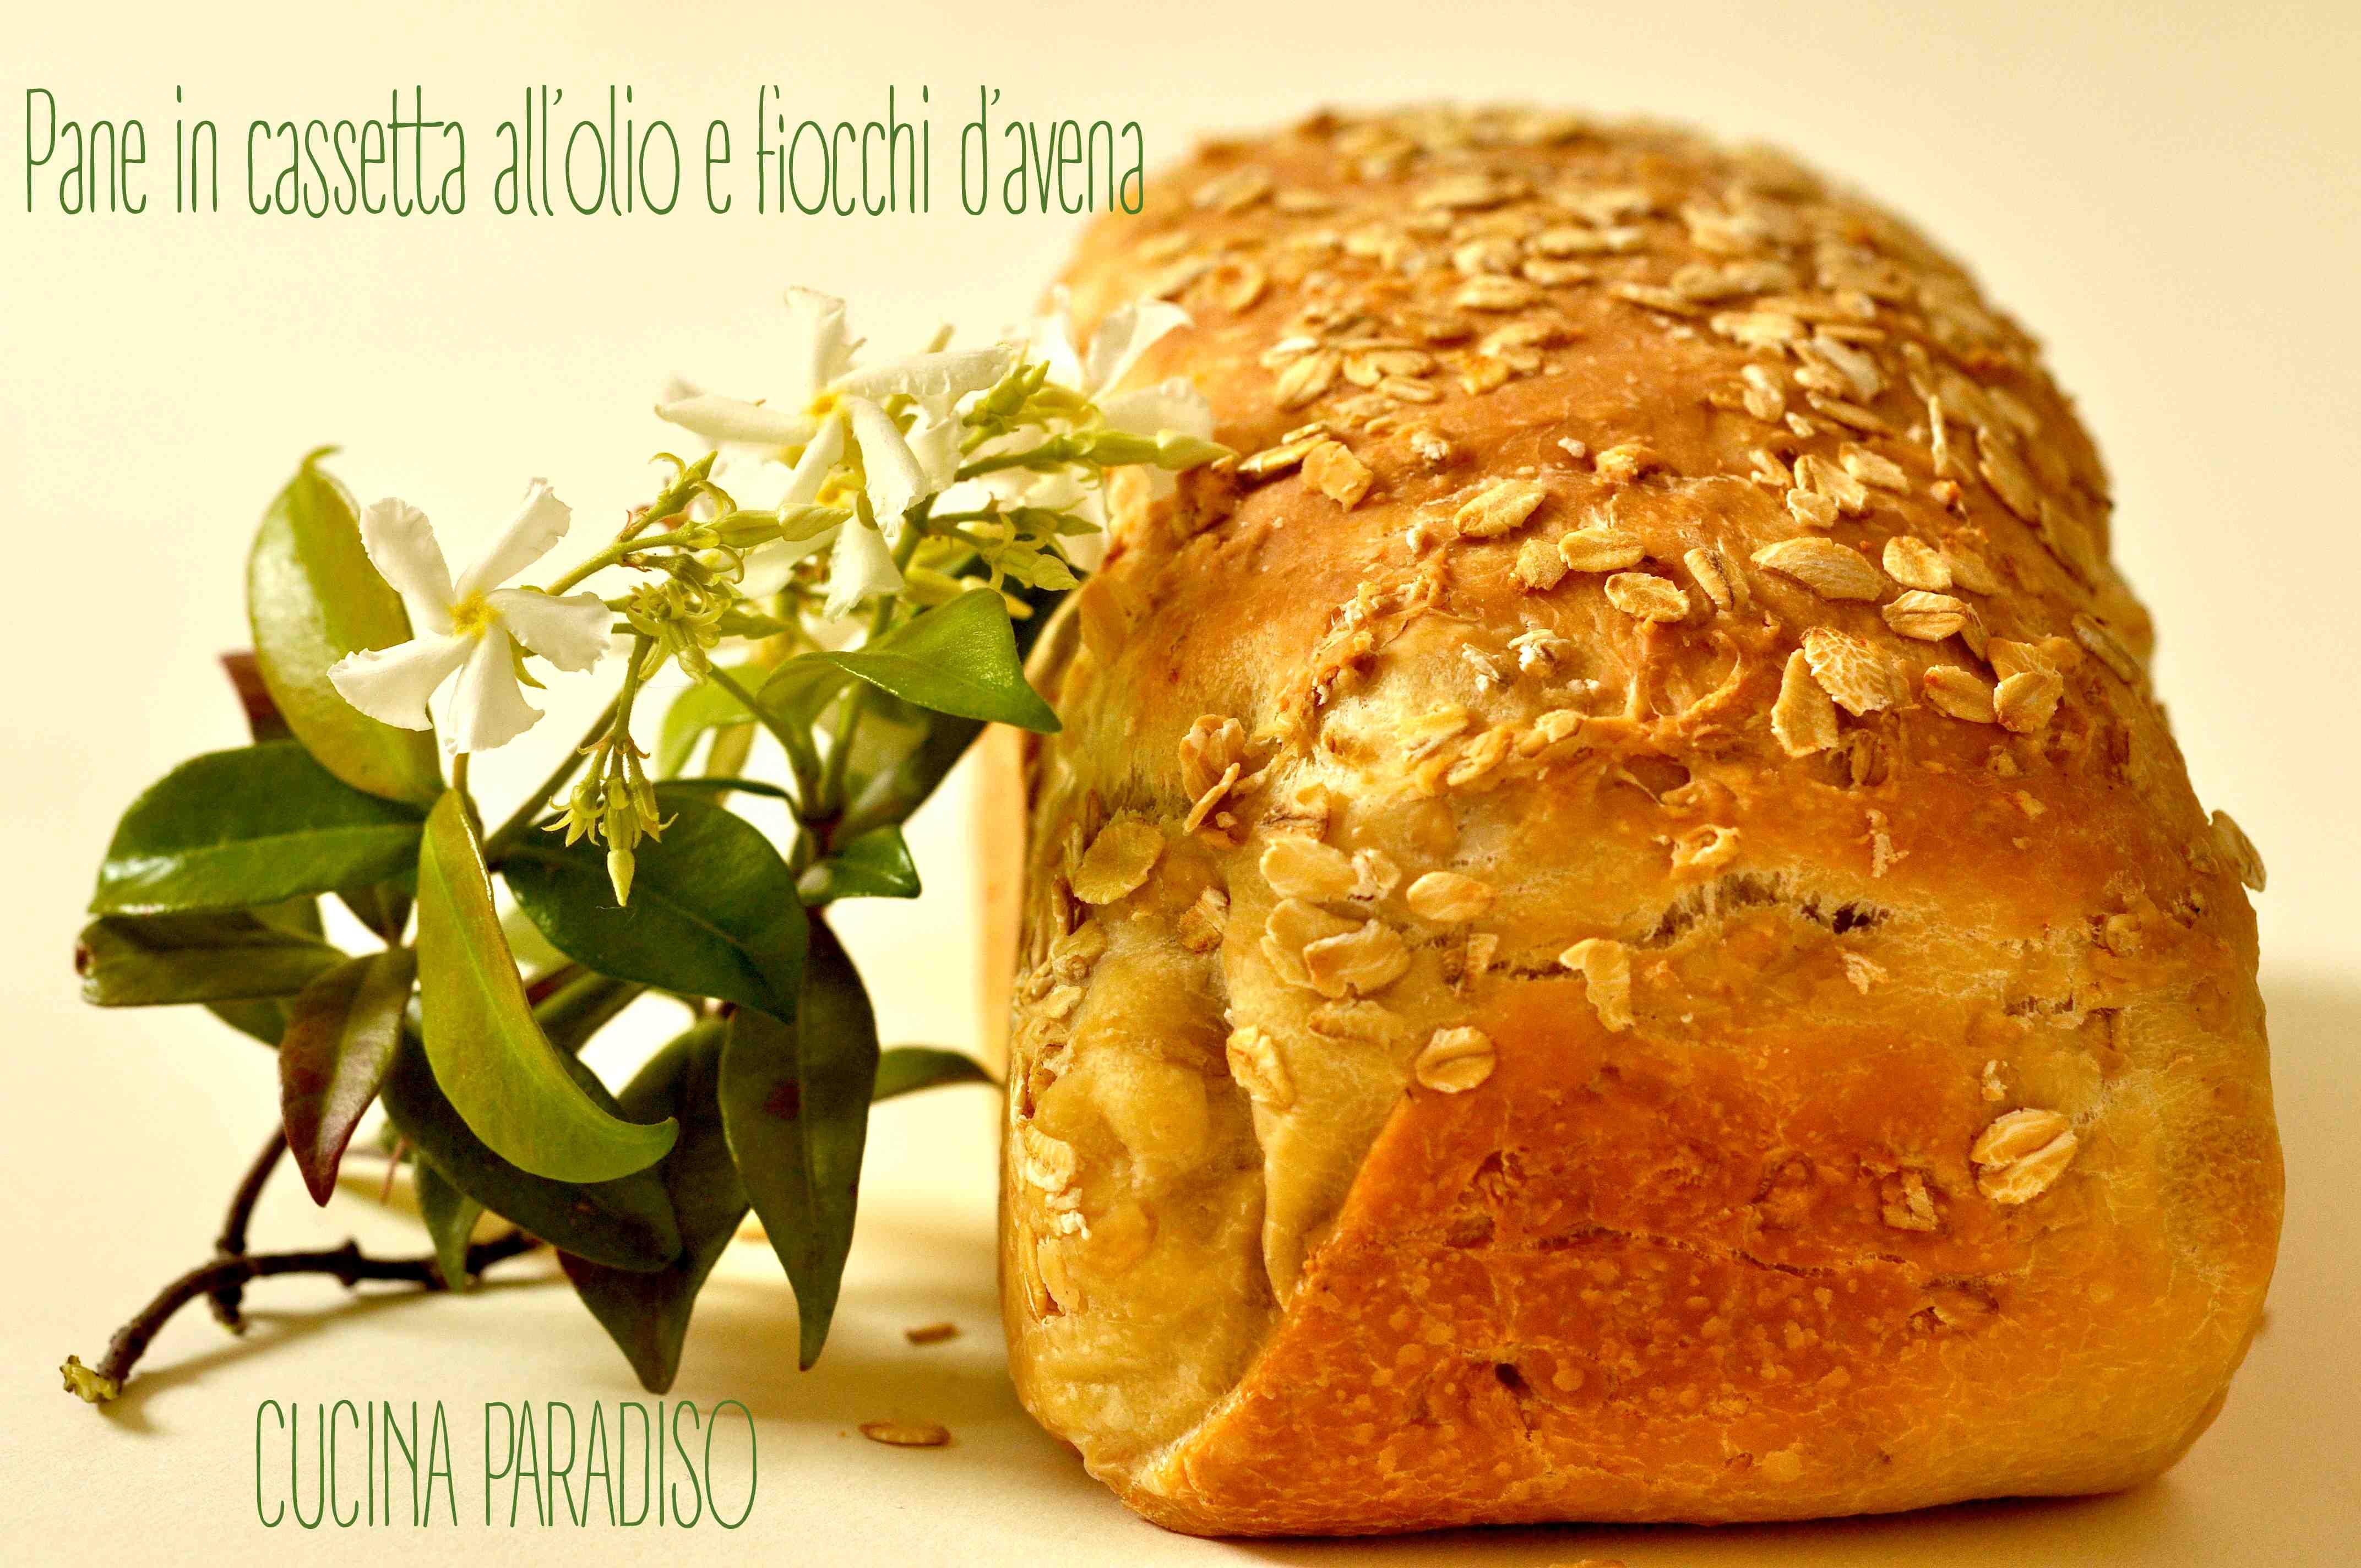 Pane in cassetta all'olio e fiocchi d'avena